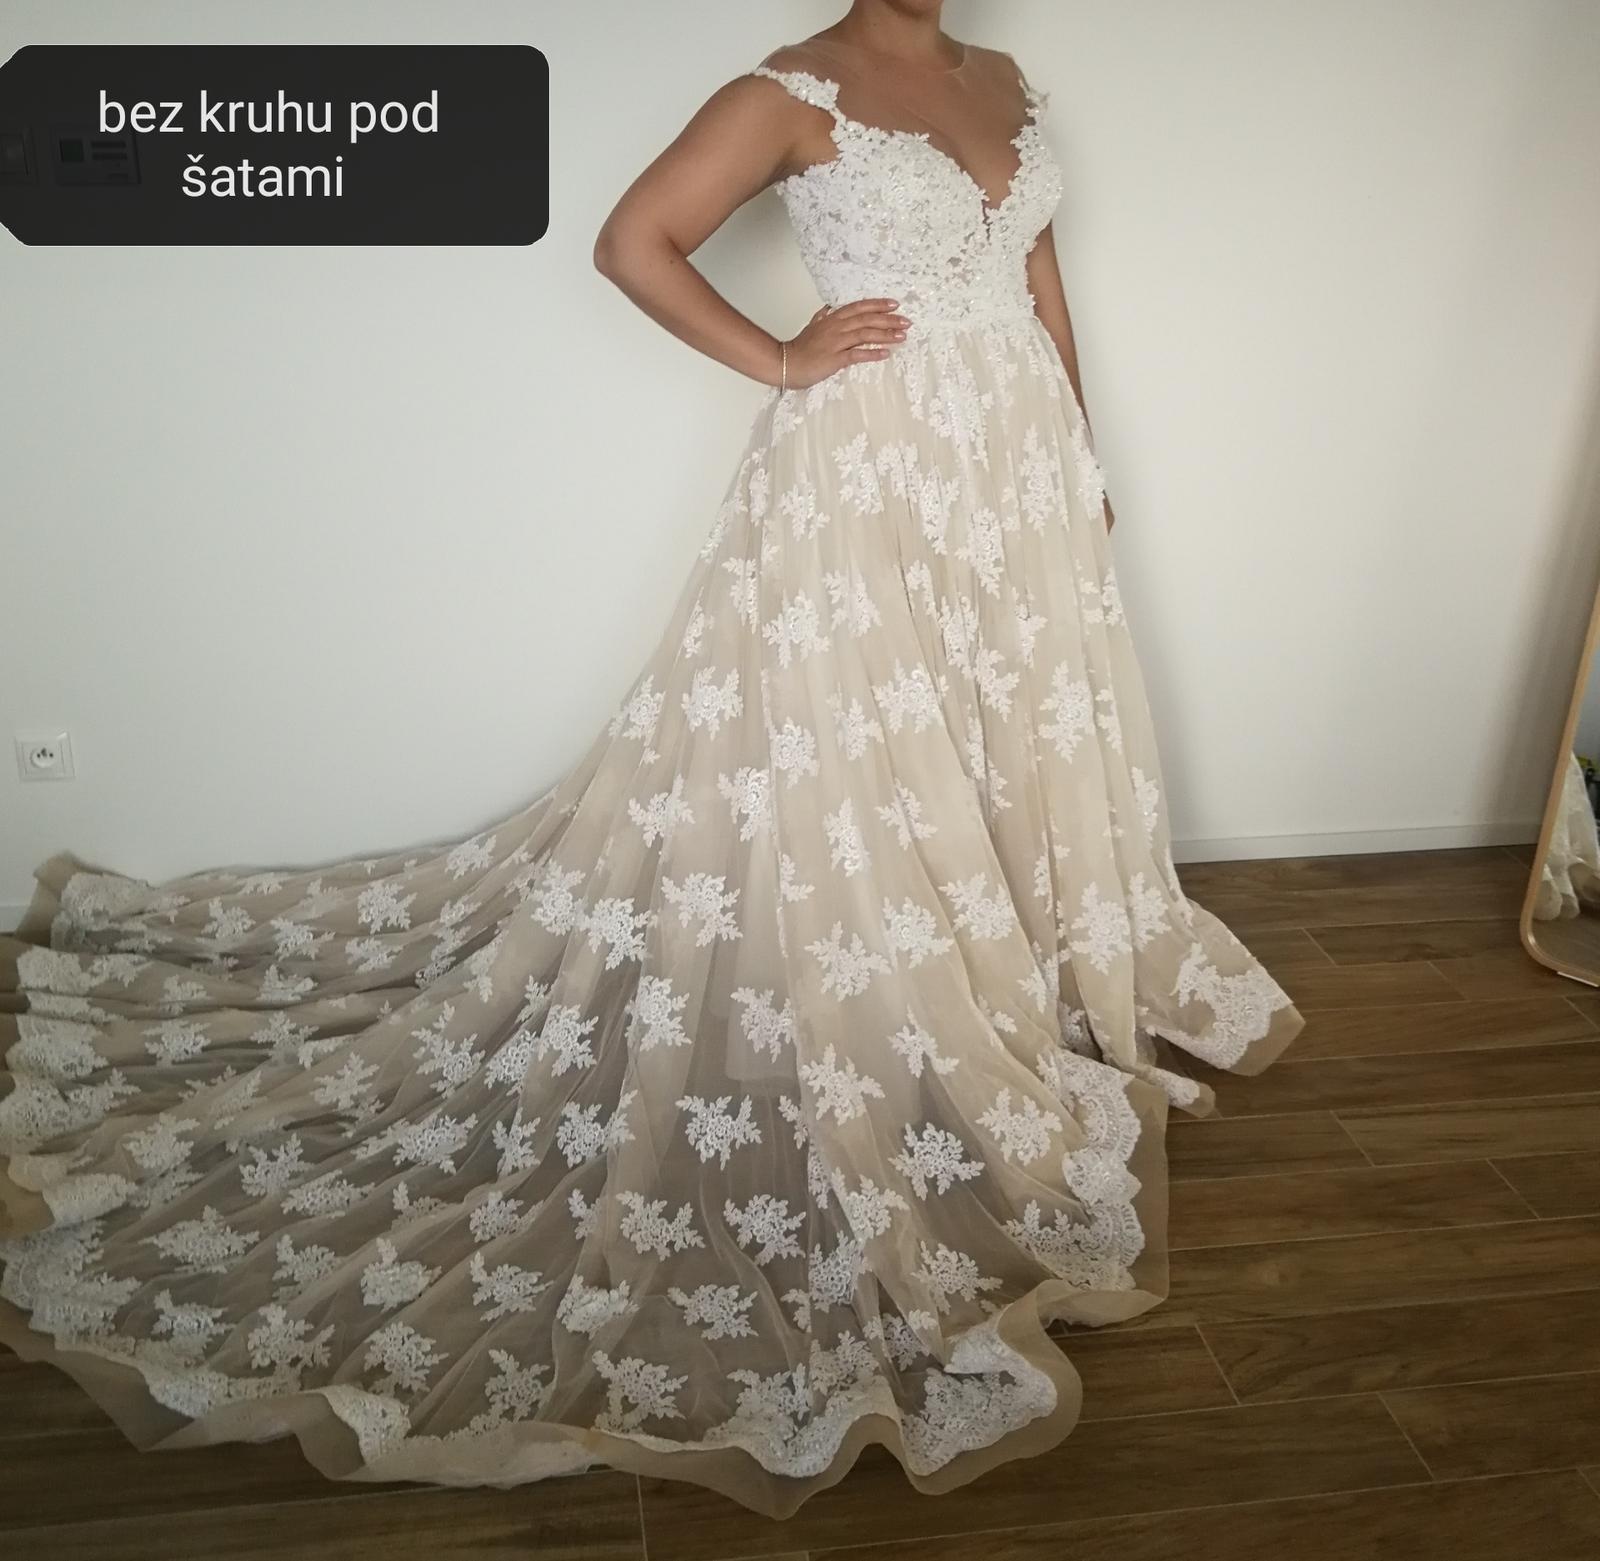 svadobné šaty mila nova - Obrázok č. 2